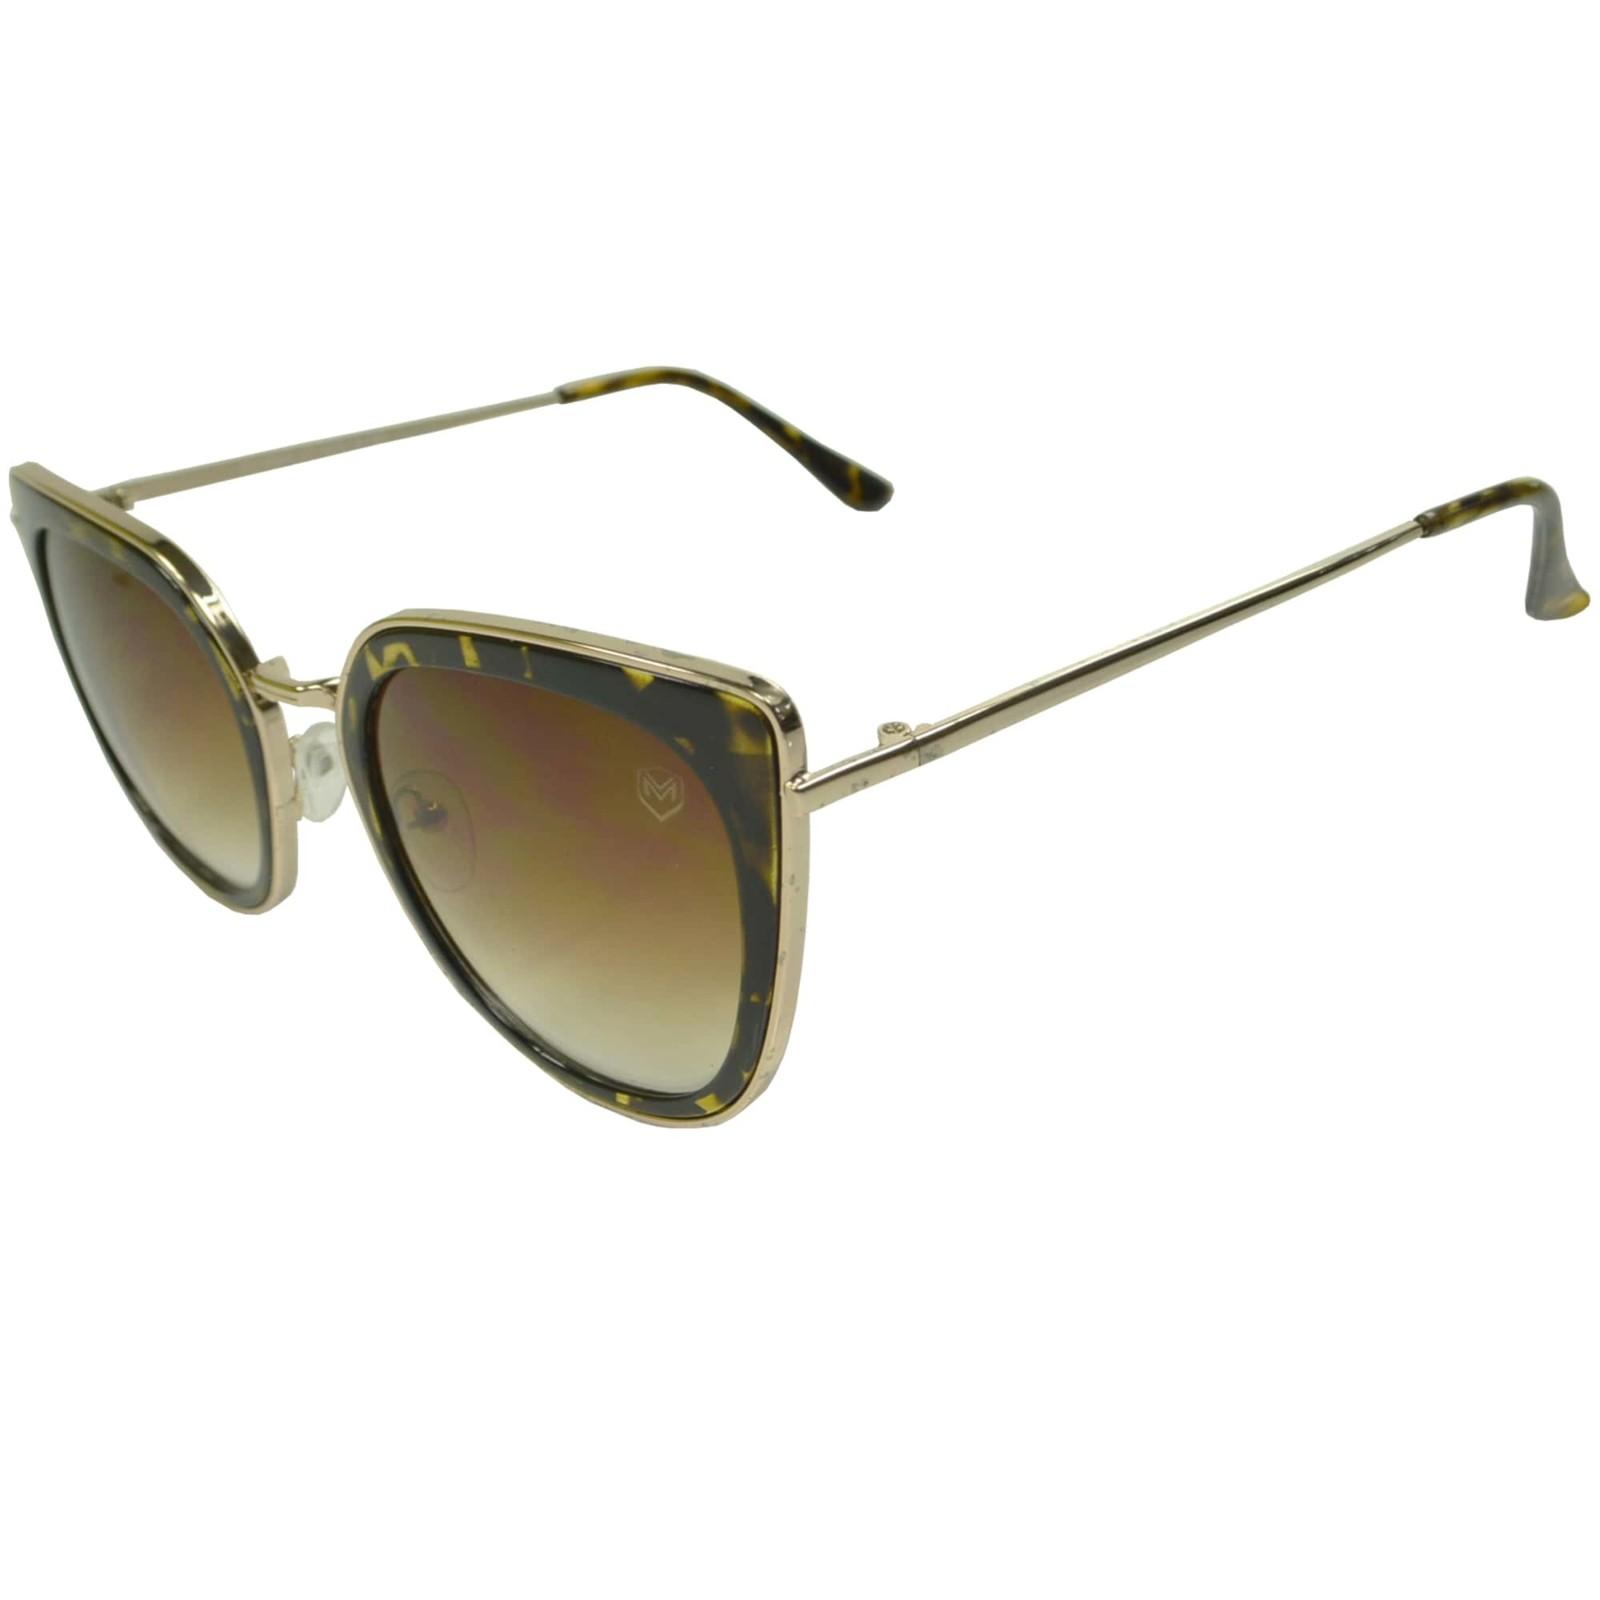 Óculos de Sol Mackage Feminino Metal/Acetato Gateado - Dourado/Tarta